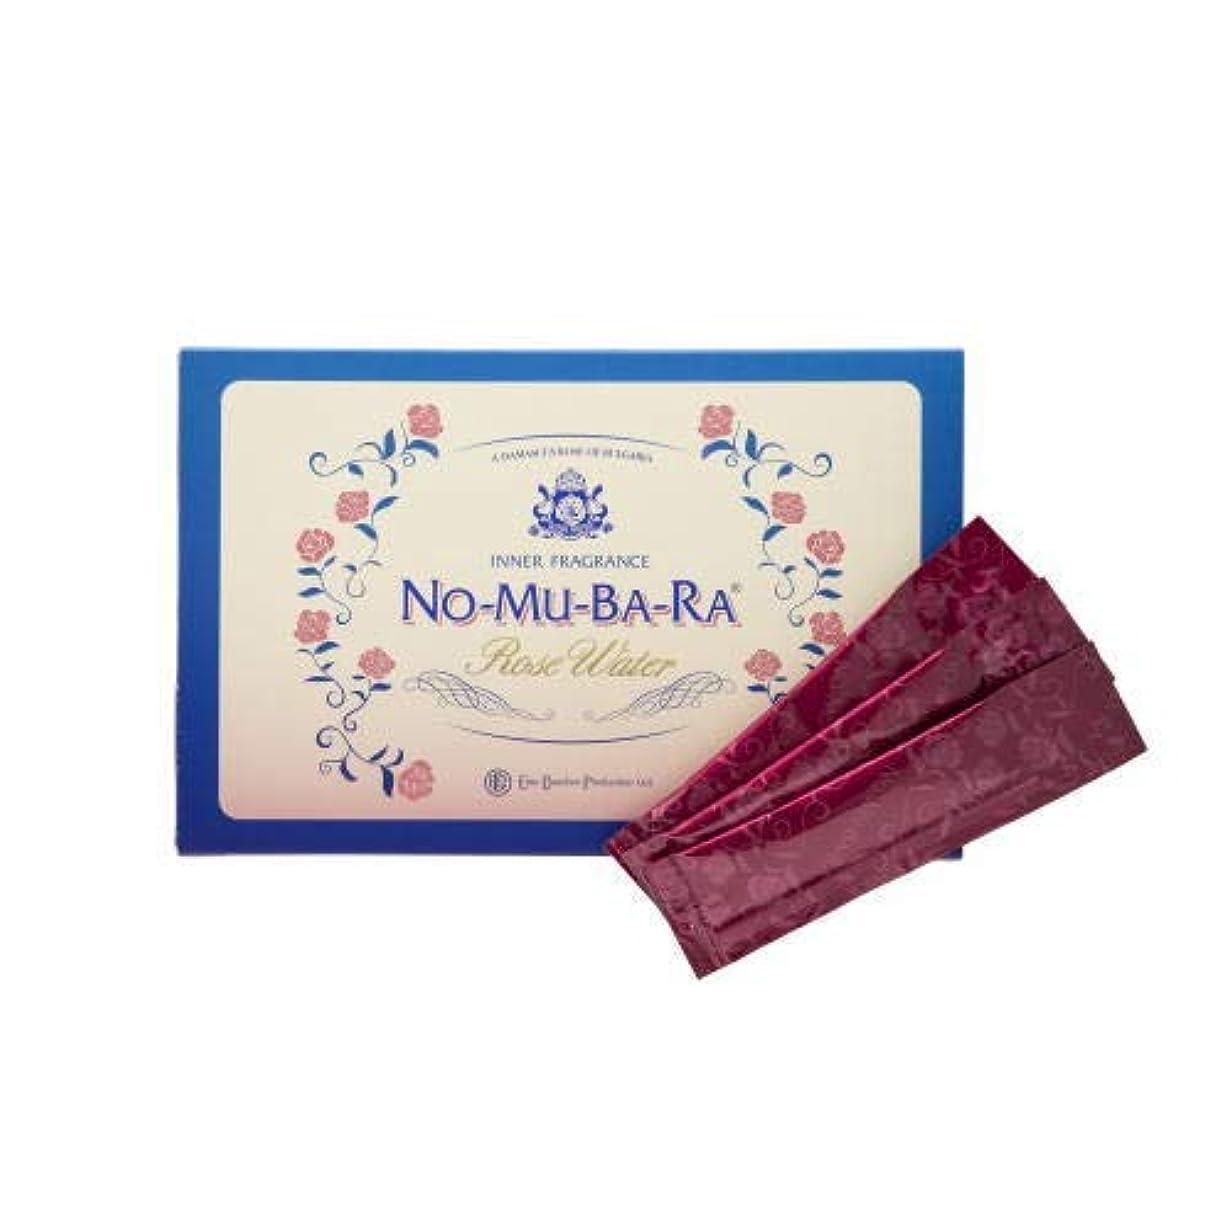 我慢する読書いちゃつくNO-MU-BA-RA NO-MU-BA-RA(ノムバラ)(35包入)×2箱【モンドセレクション受賞】